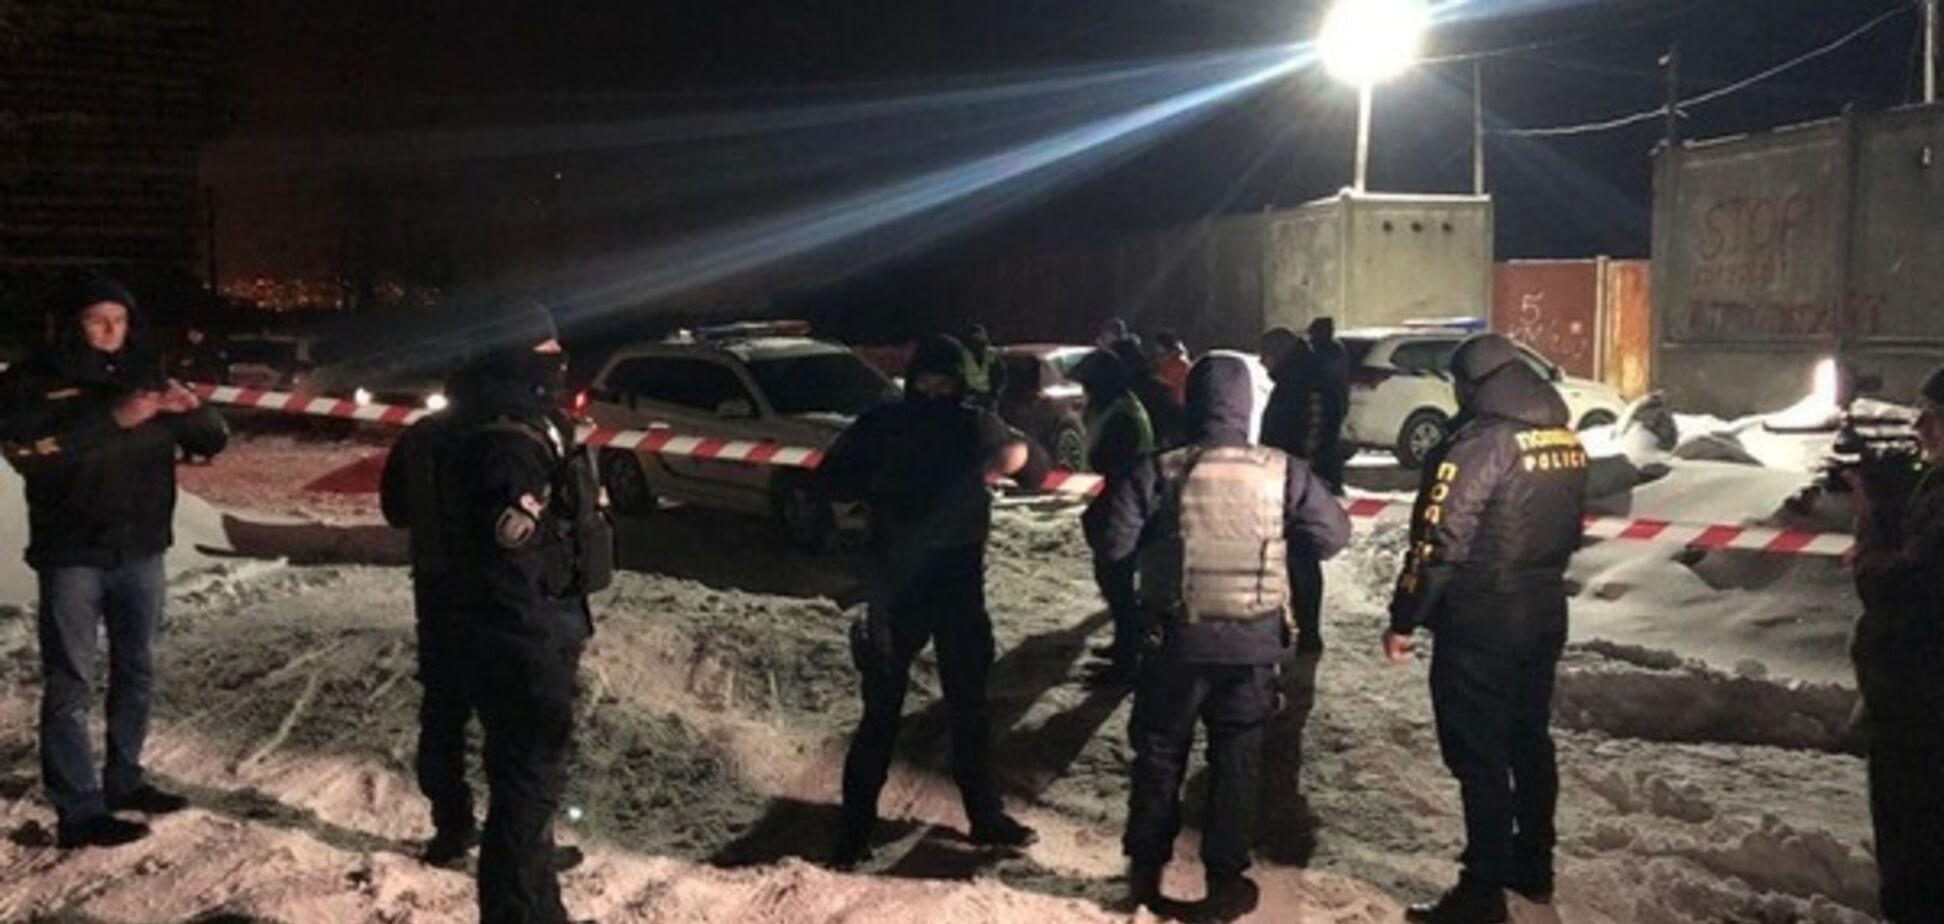 Піщана мафія у Києві: скандал із нападом на журналістів отримав продовження